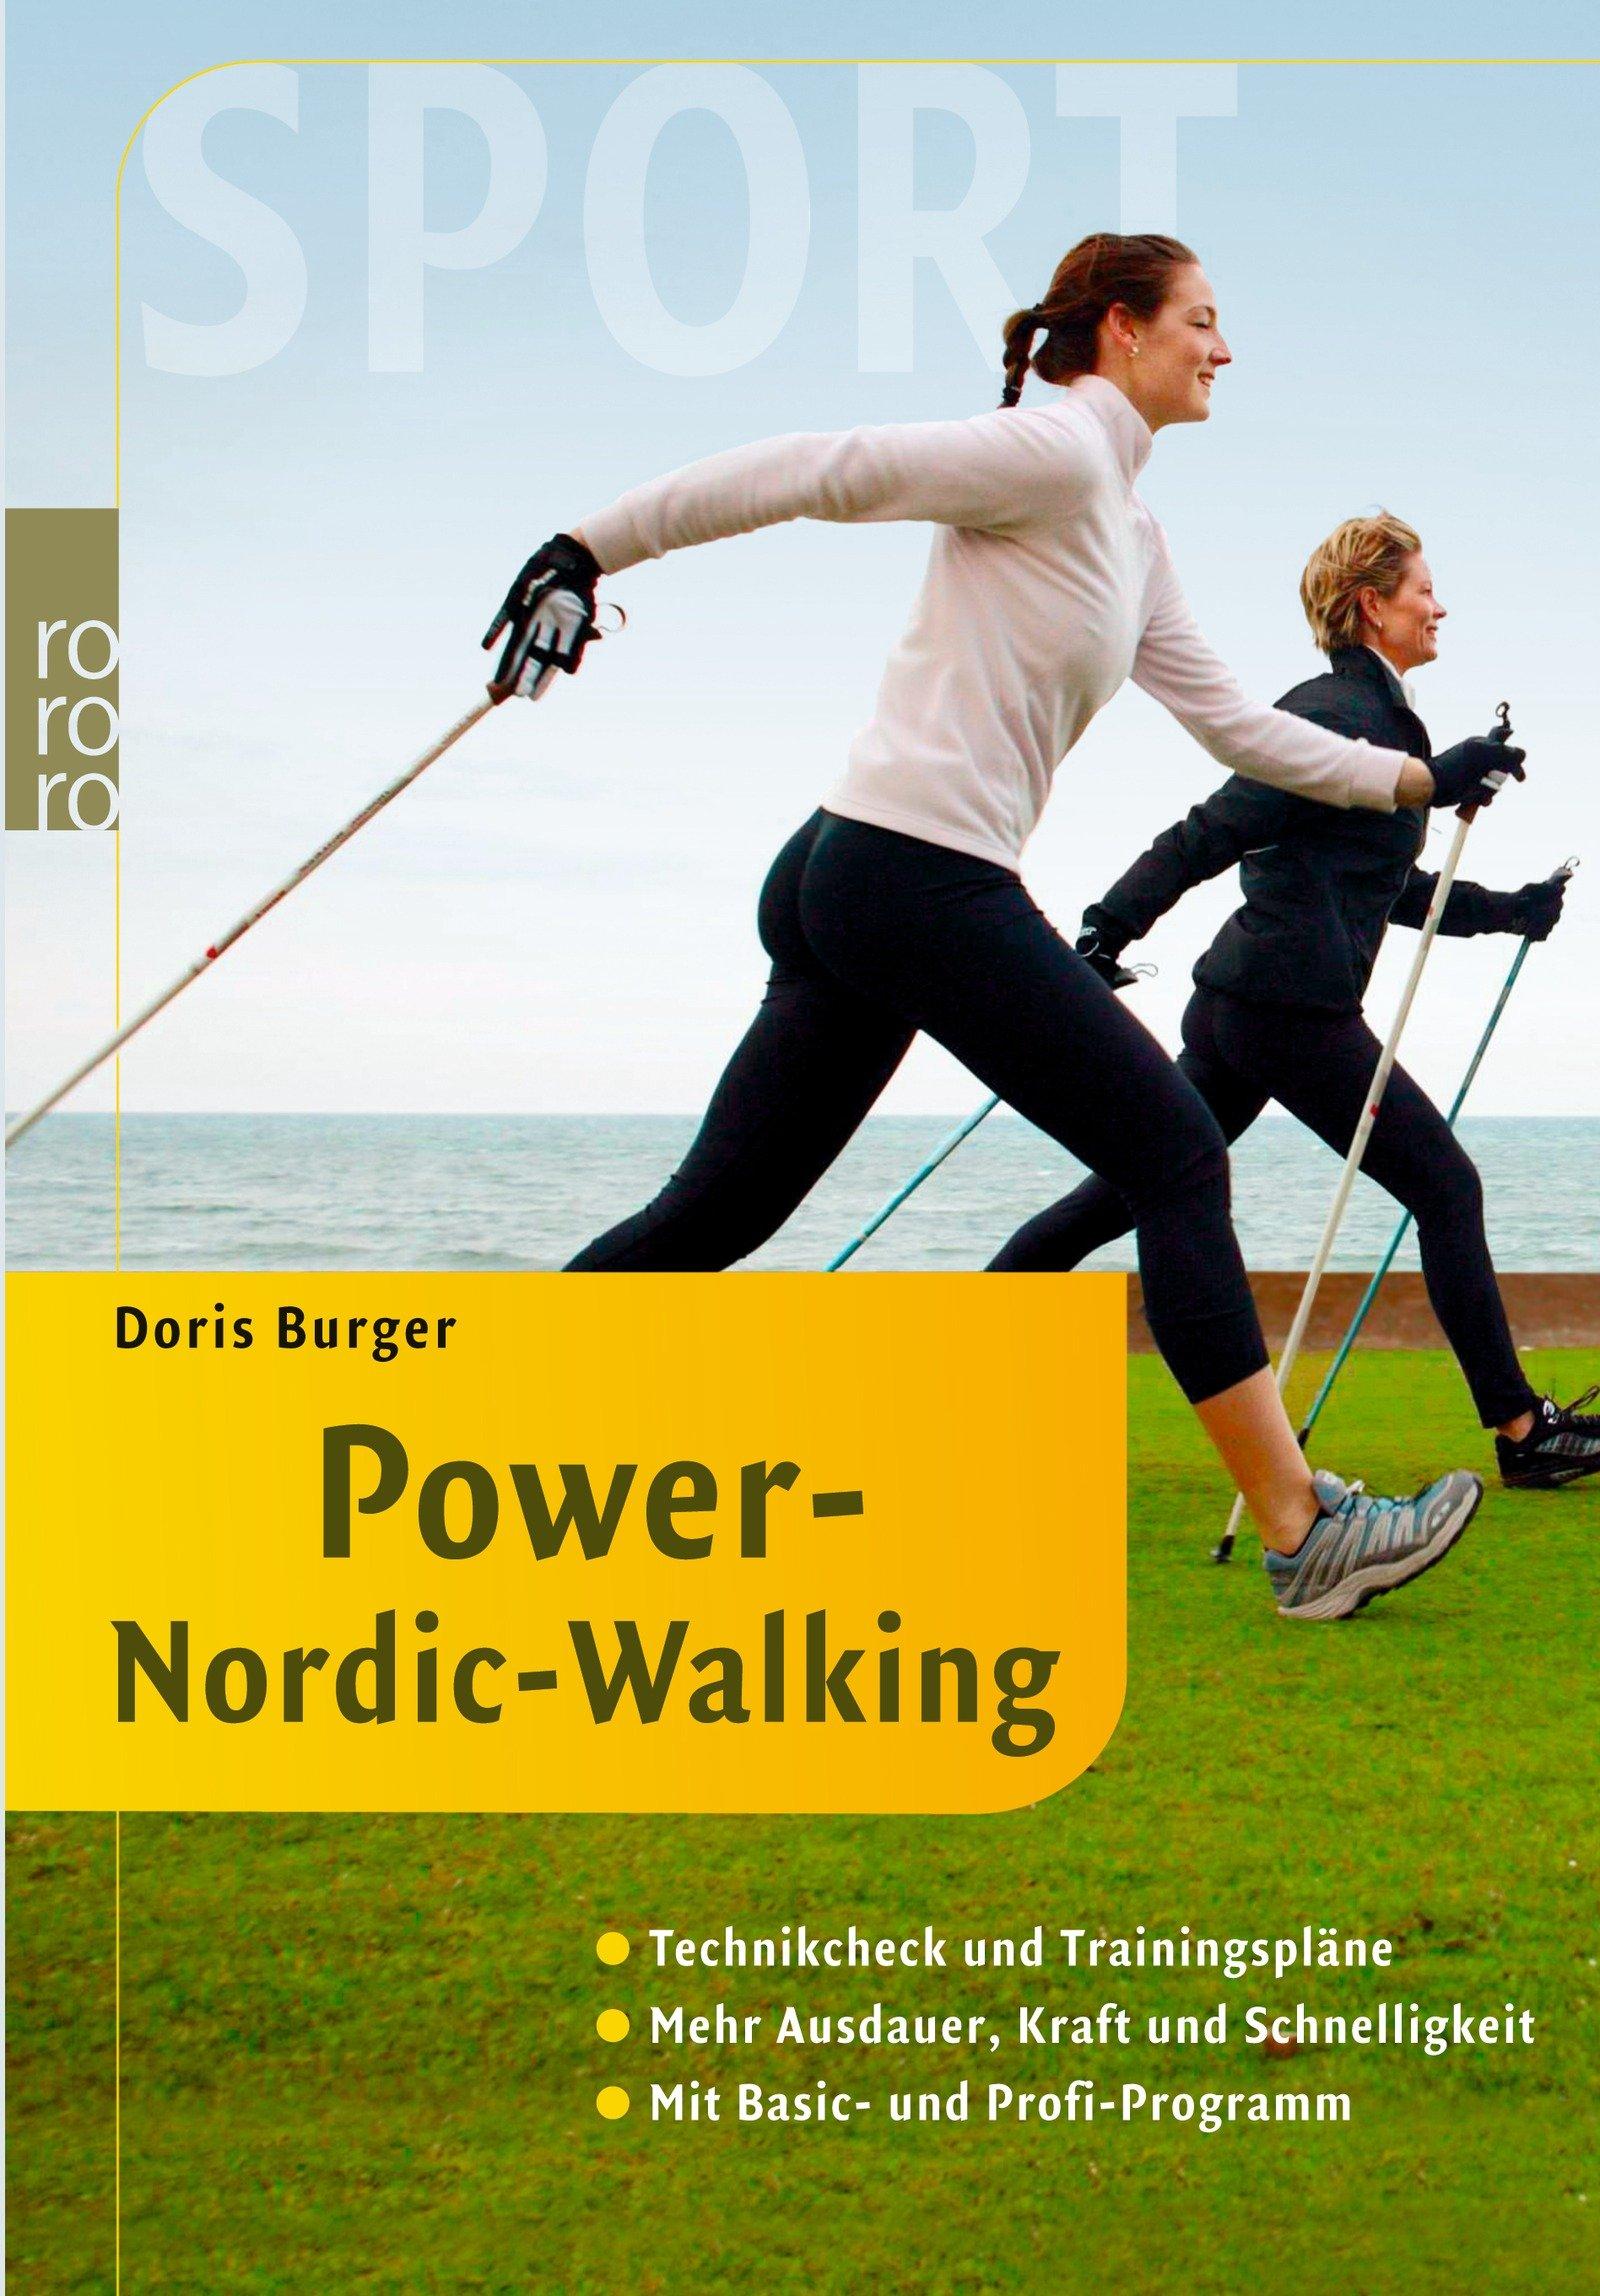 Power Nordic Walking  Technikcheck Und Trainingspläne  Mehr Ausdauer Kraft Und Schnelligkeit  Mit Basic  Und Profi Programm